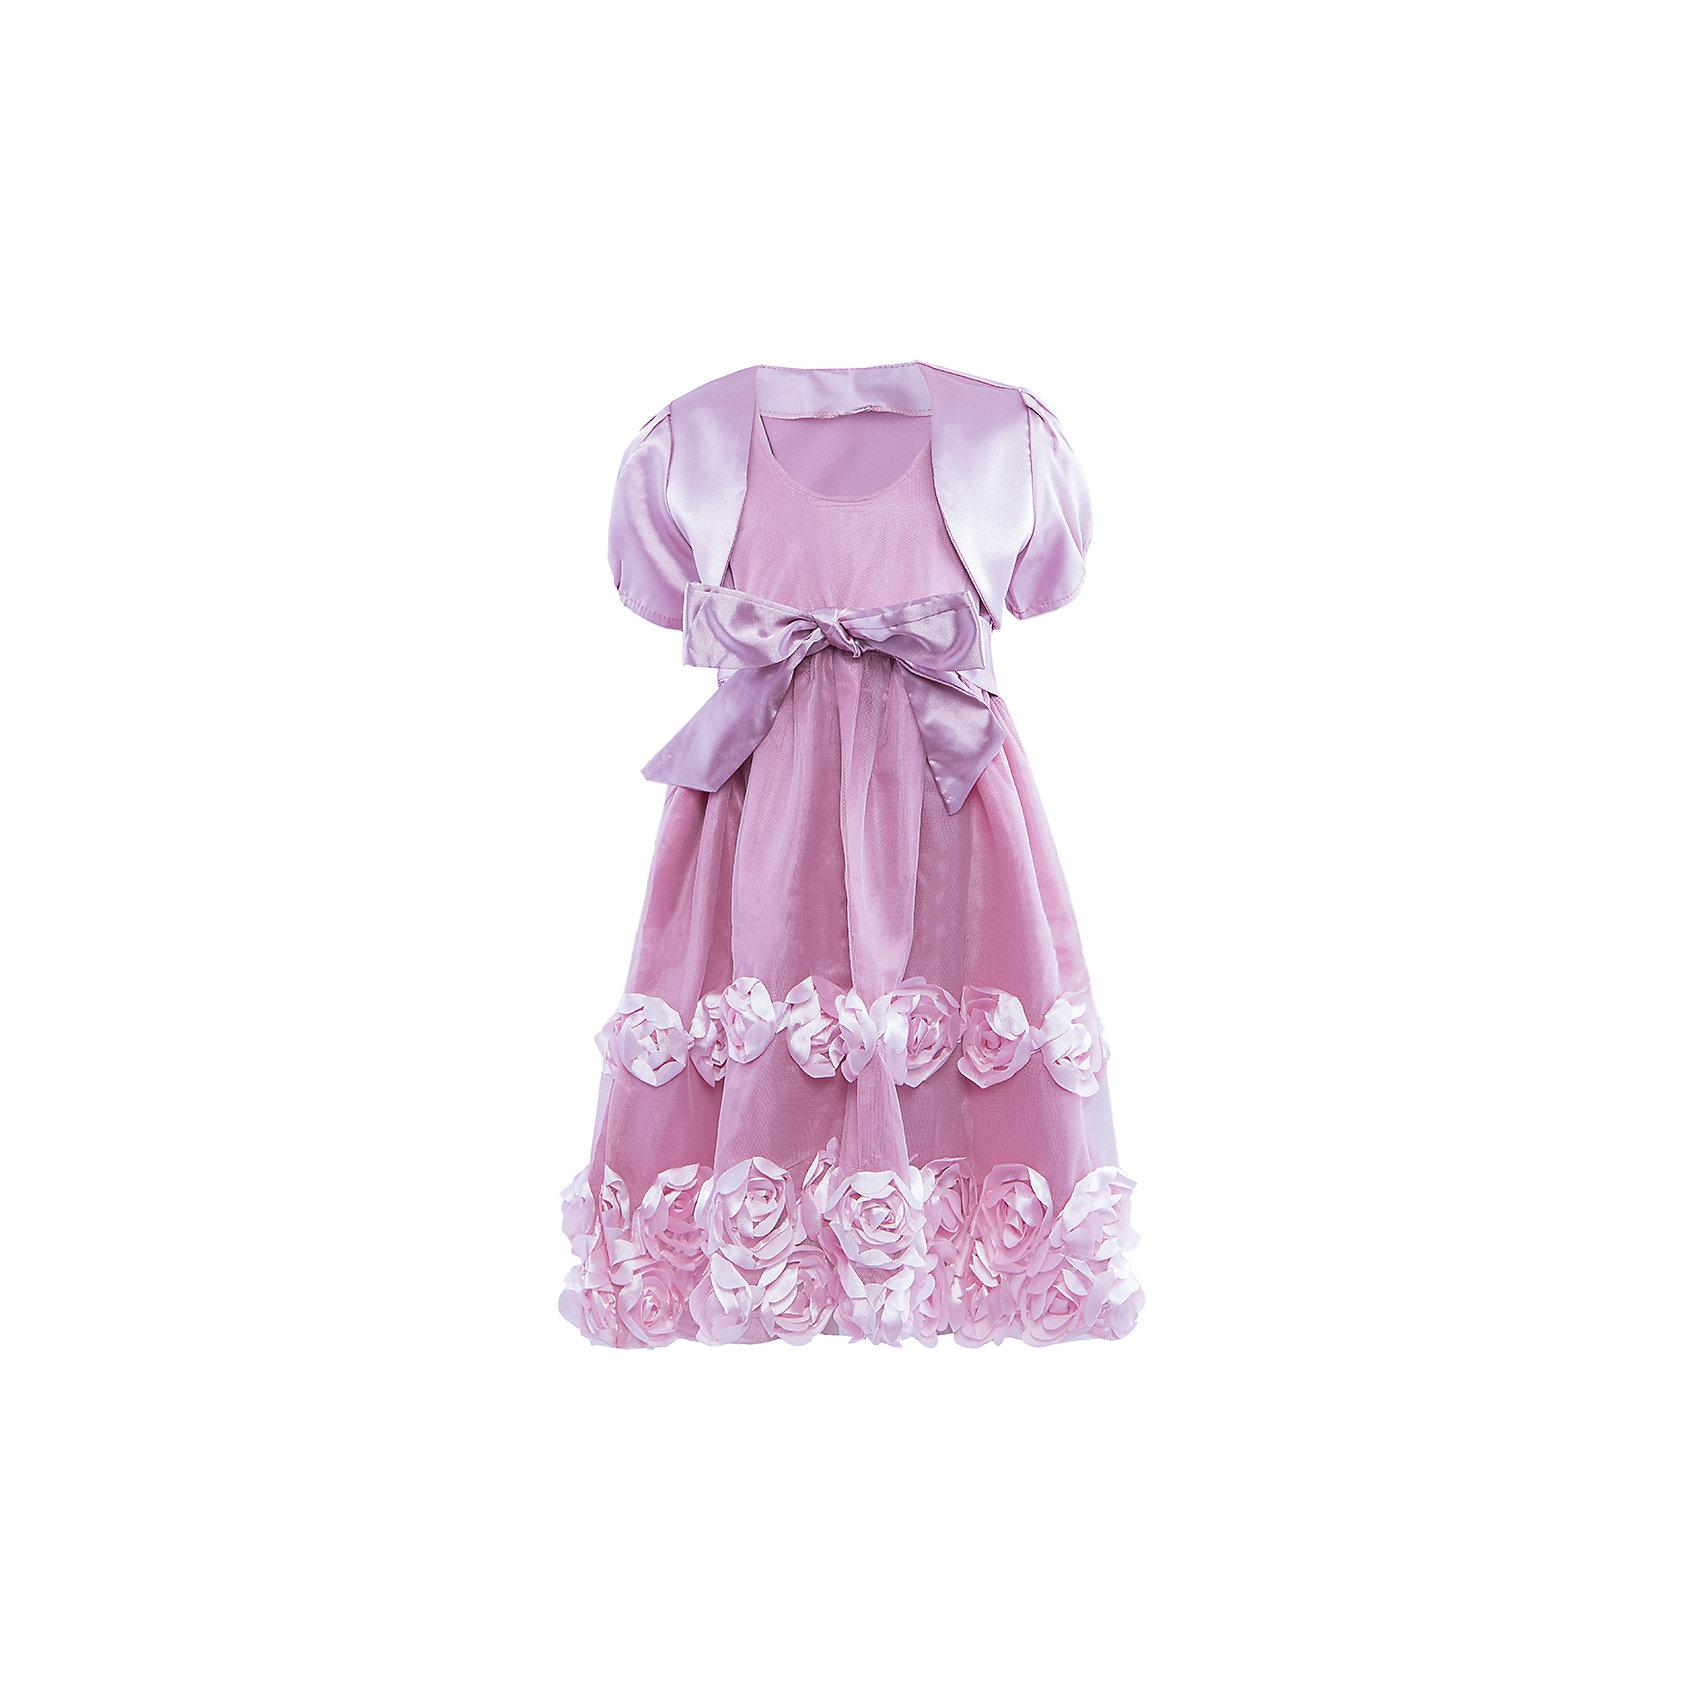 Платье ВенераНарядное платье для девочки. Комплект состоят из платья и атласной горжетки. Платье с пышной юбкой, украшенной объемными розами и атласным поясом.<br><br>Ширина мм: 236<br>Глубина мм: 16<br>Высота мм: 184<br>Вес г: 177<br>Цвет: розовый<br>Возраст от месяцев: 60<br>Возраст до месяцев: 72<br>Пол: Женский<br>Возраст: Детский<br>Размер: 110/116,98/104,104/110,116/122<br>SKU: 4388958